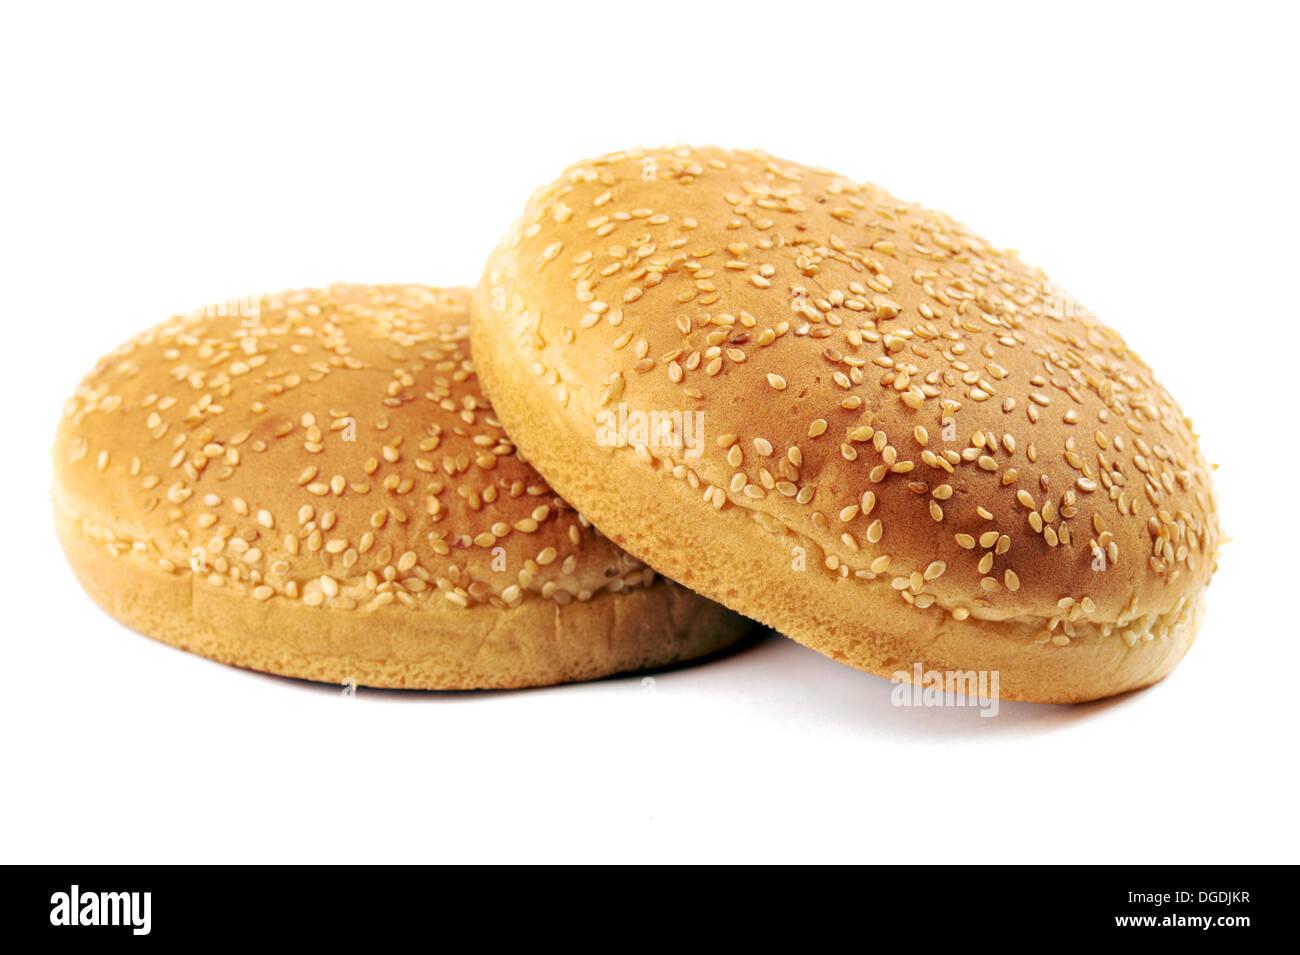 Zwei köstliche frische Burger-Brötchen auf weißem Hintergrund Stockbild